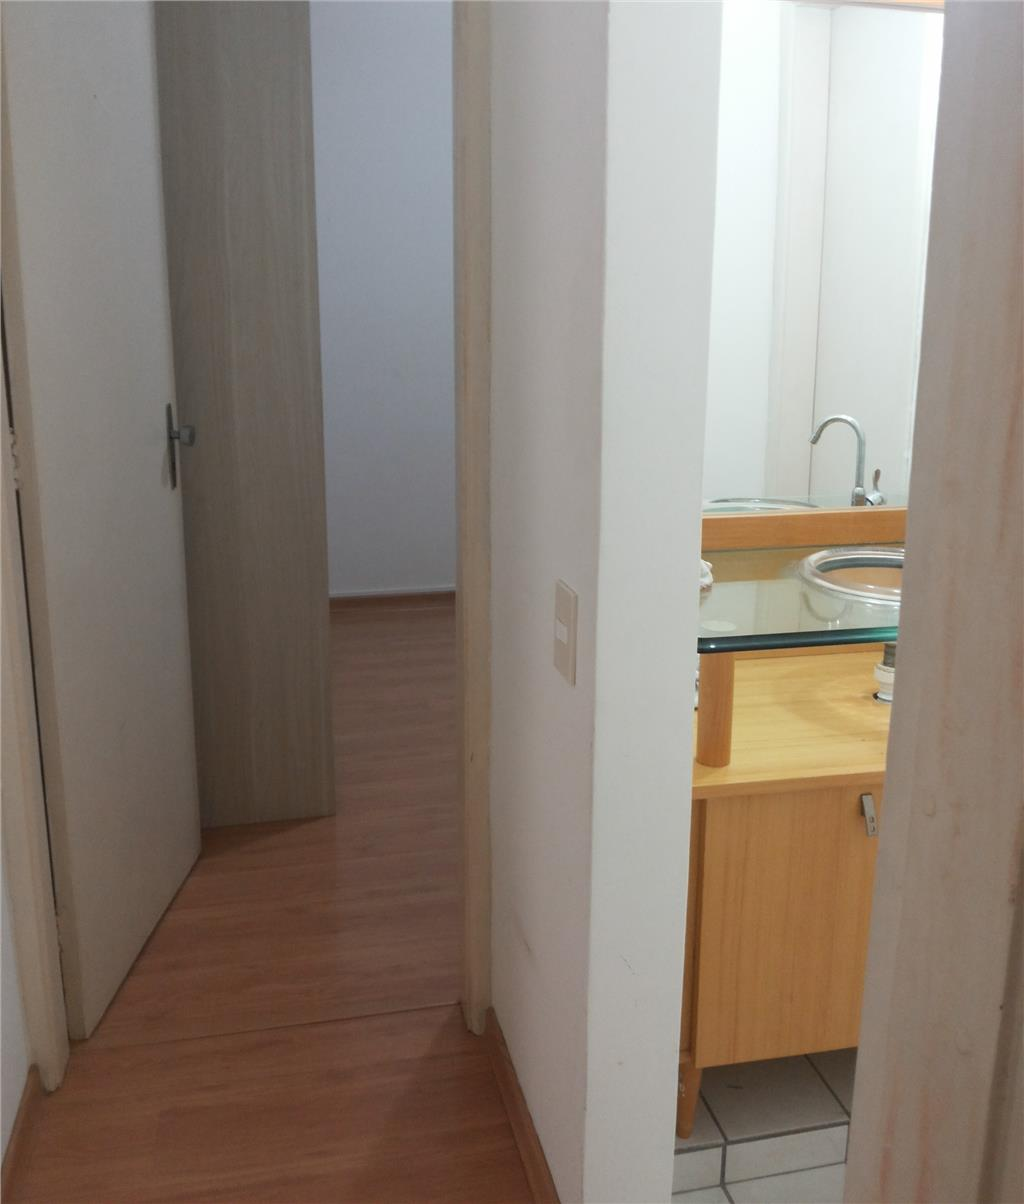 Apto 2 Dorm, Jardim Santa Teresa, Jundiaí (431180) - Foto 5